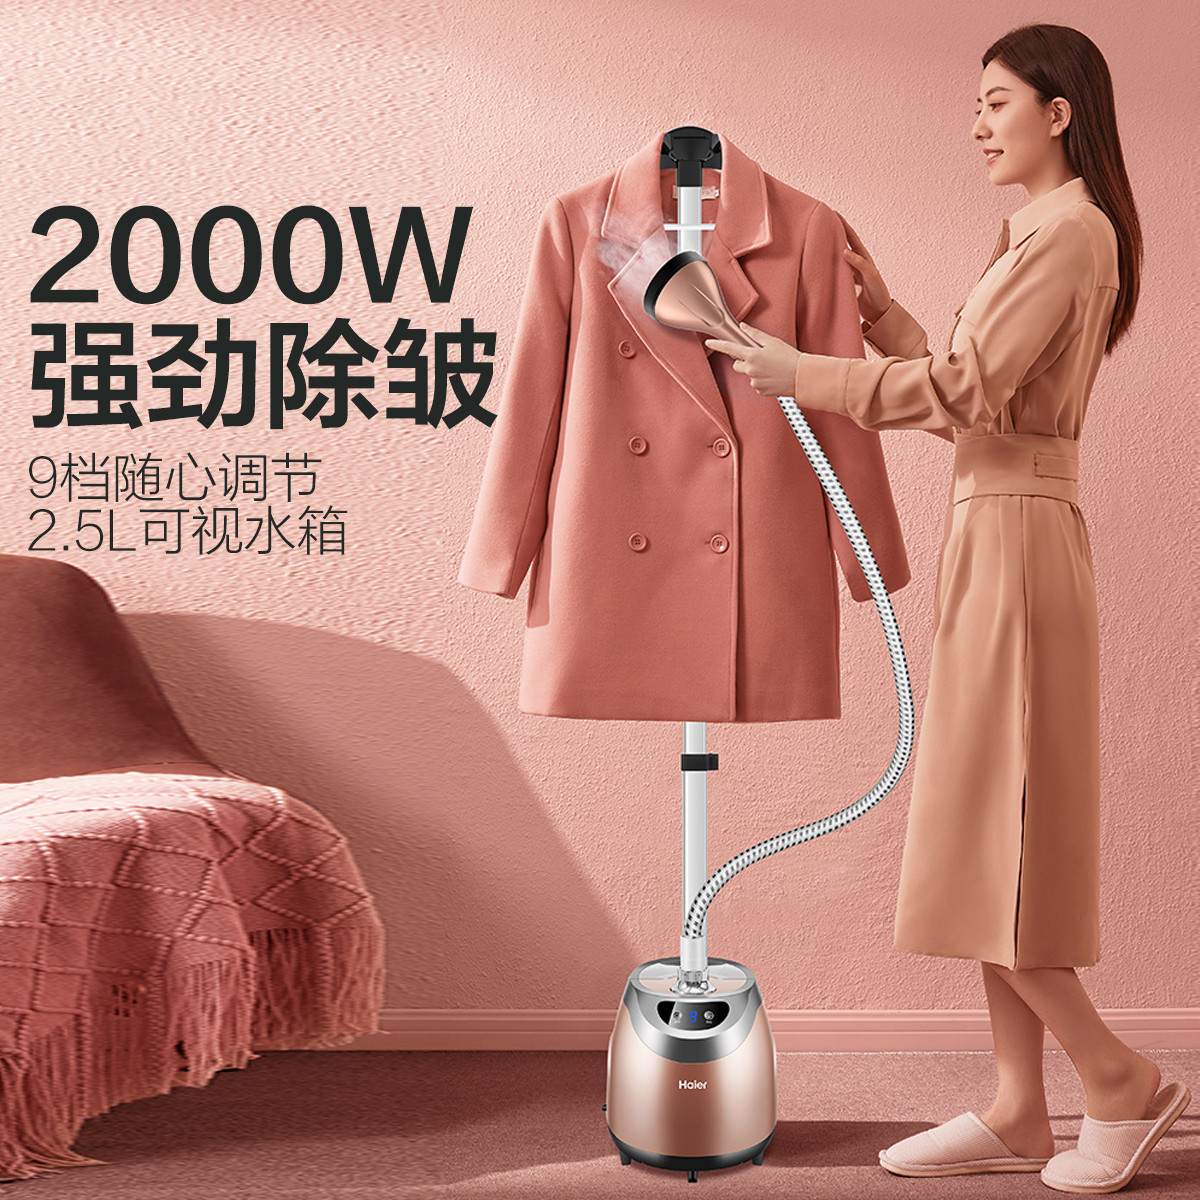 挂烫机家用蒸汽熨斗挂烫挂式小型立式熨烫机蒸汽烫衣服机